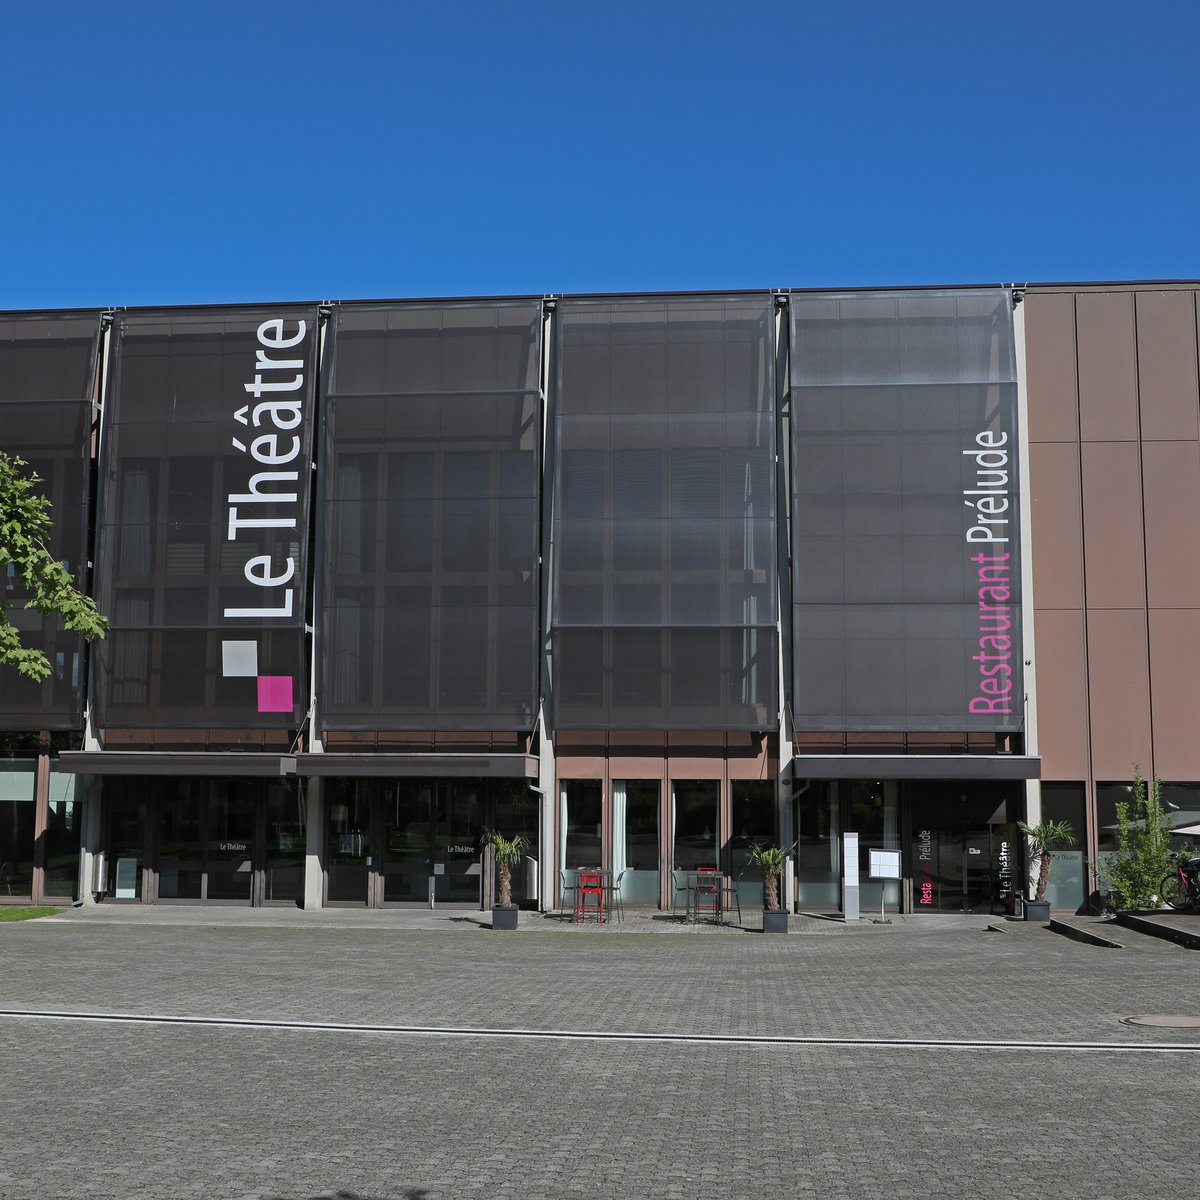 Aussenansicht Le Théâtre und Restaurant Prélude